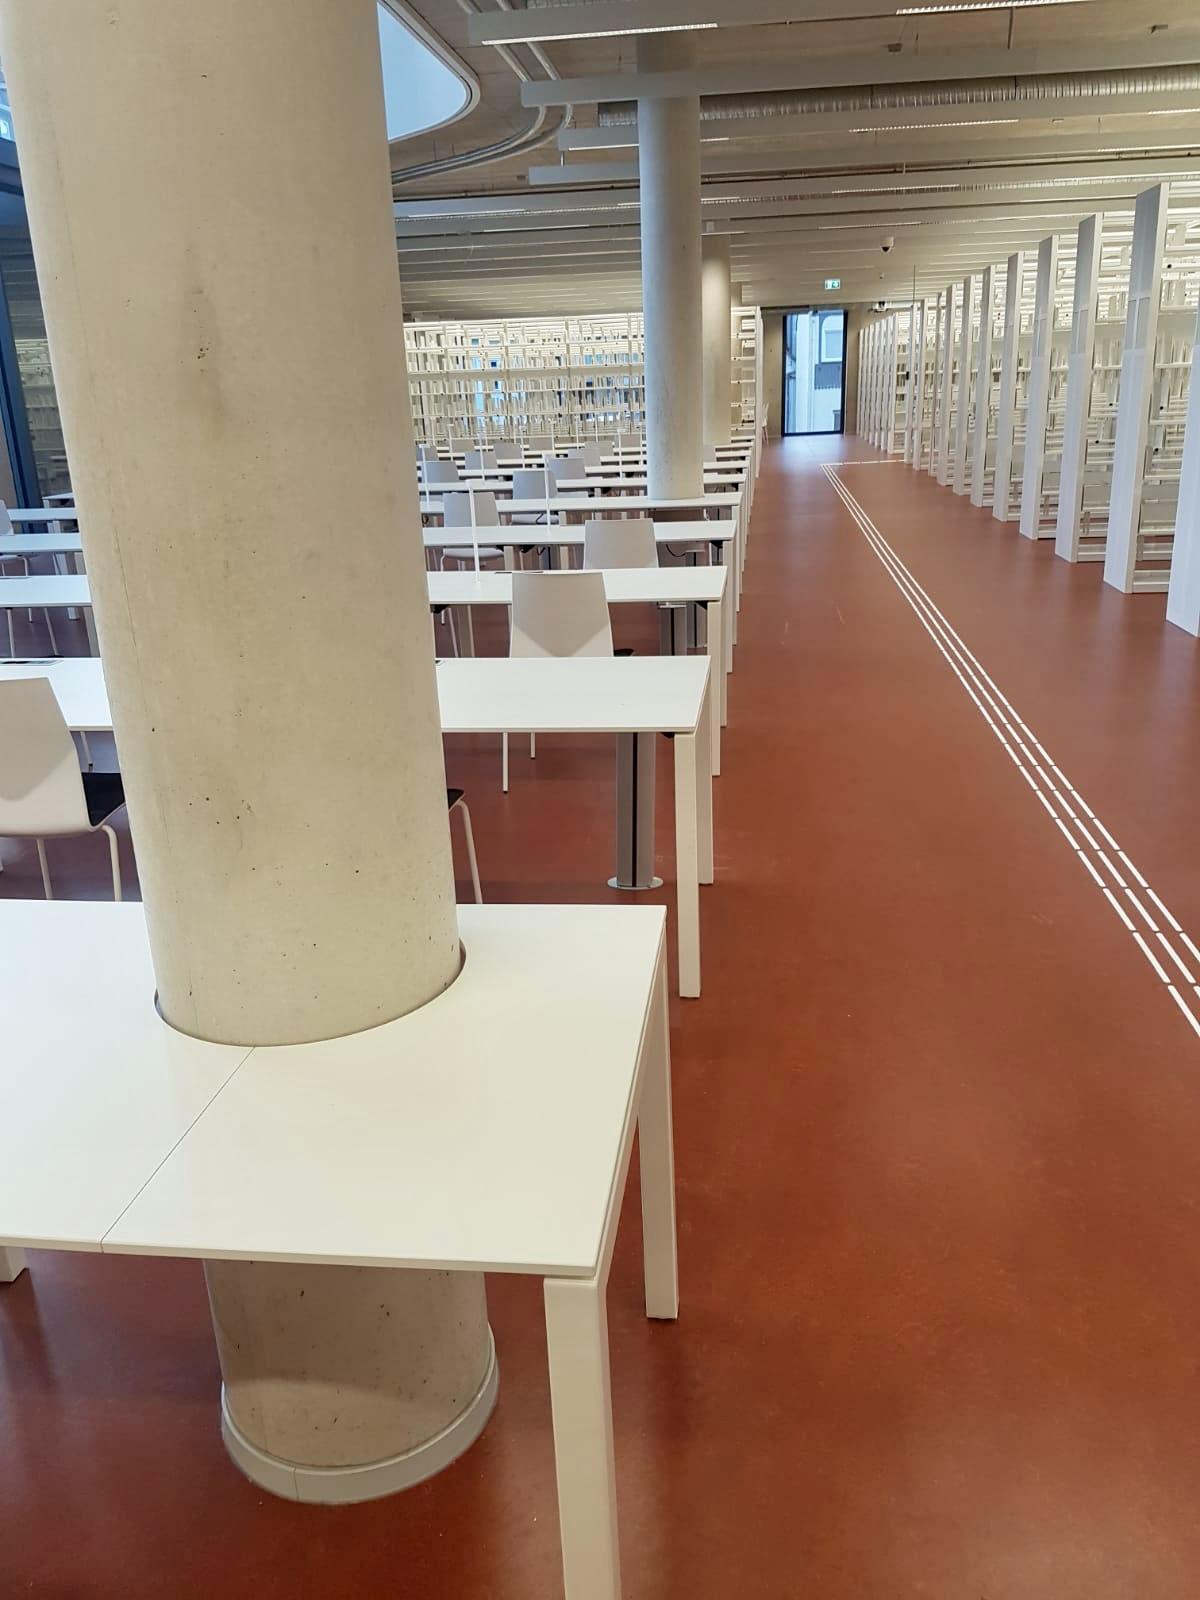 Philips-Universität Marburg